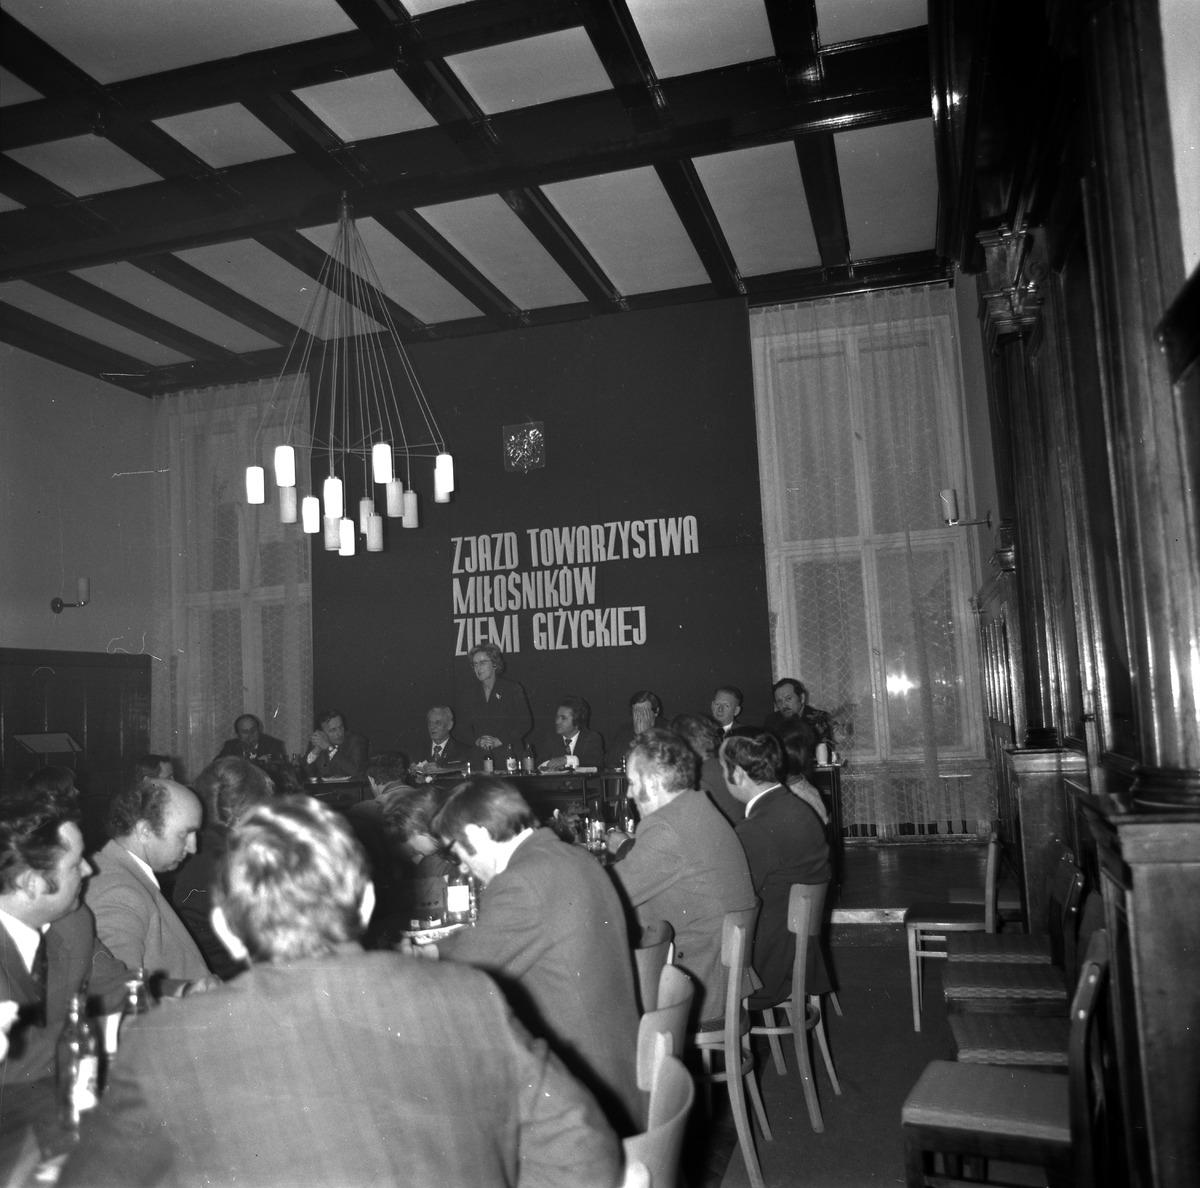 Zjazd Towarzystwa Miłośników Ziemi Giżyckiej, 1976 r. [8]